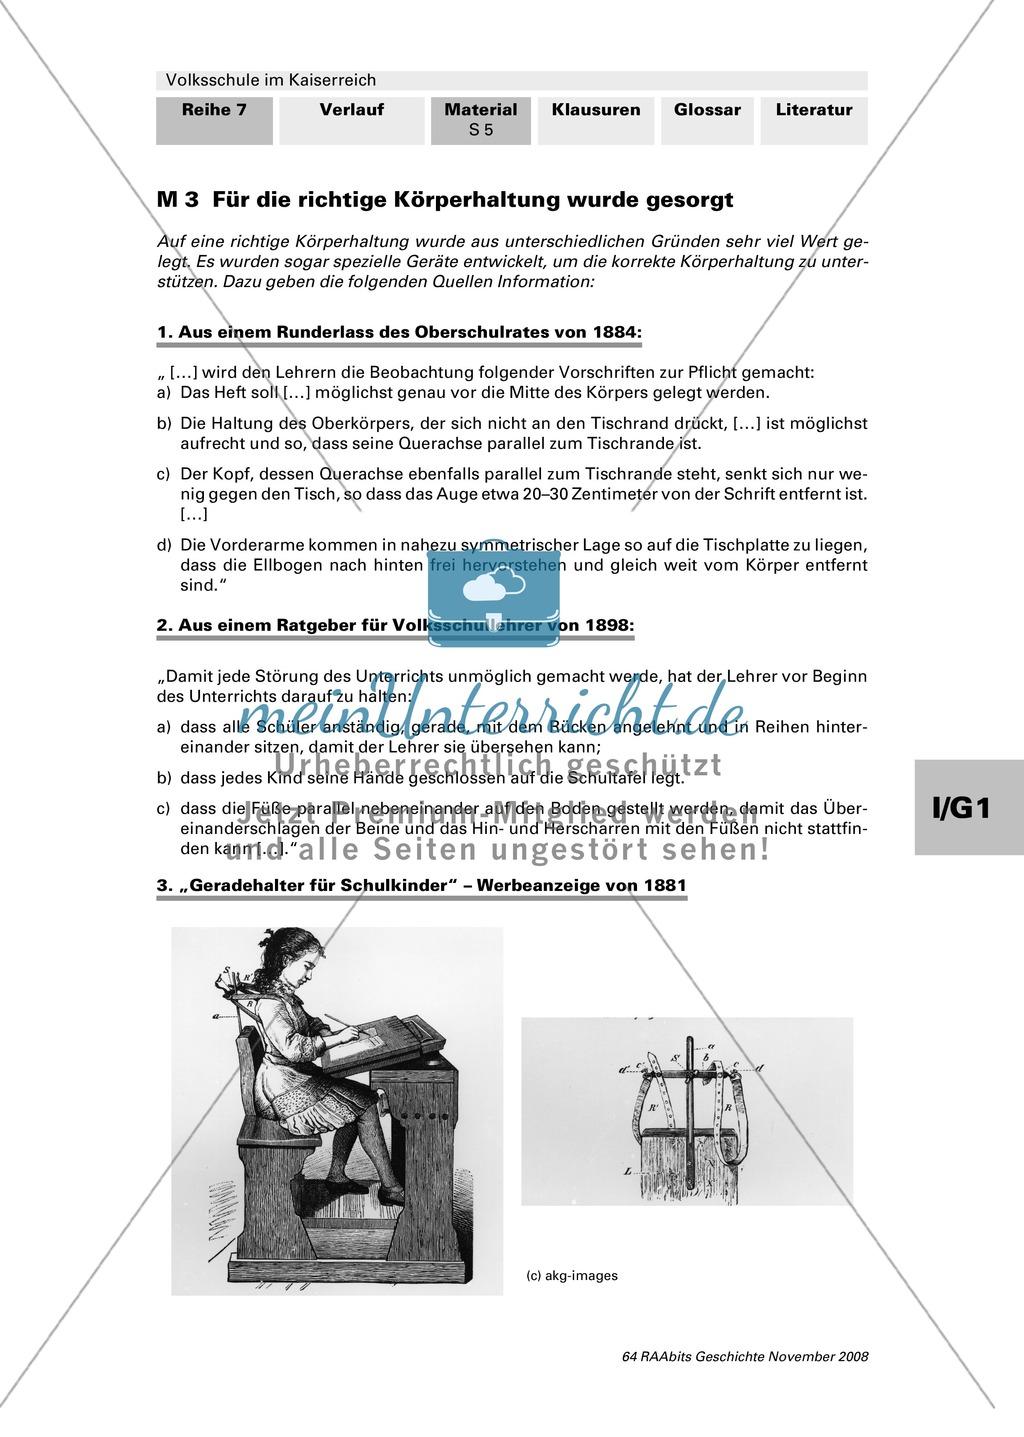 Volksschule im Kaiserreich: Gruppenarbeit zu Aspekten der Volksschule wie Disziplin, Regeln, Strafen, Stundenplan, Lehrerverhalten Preview 3